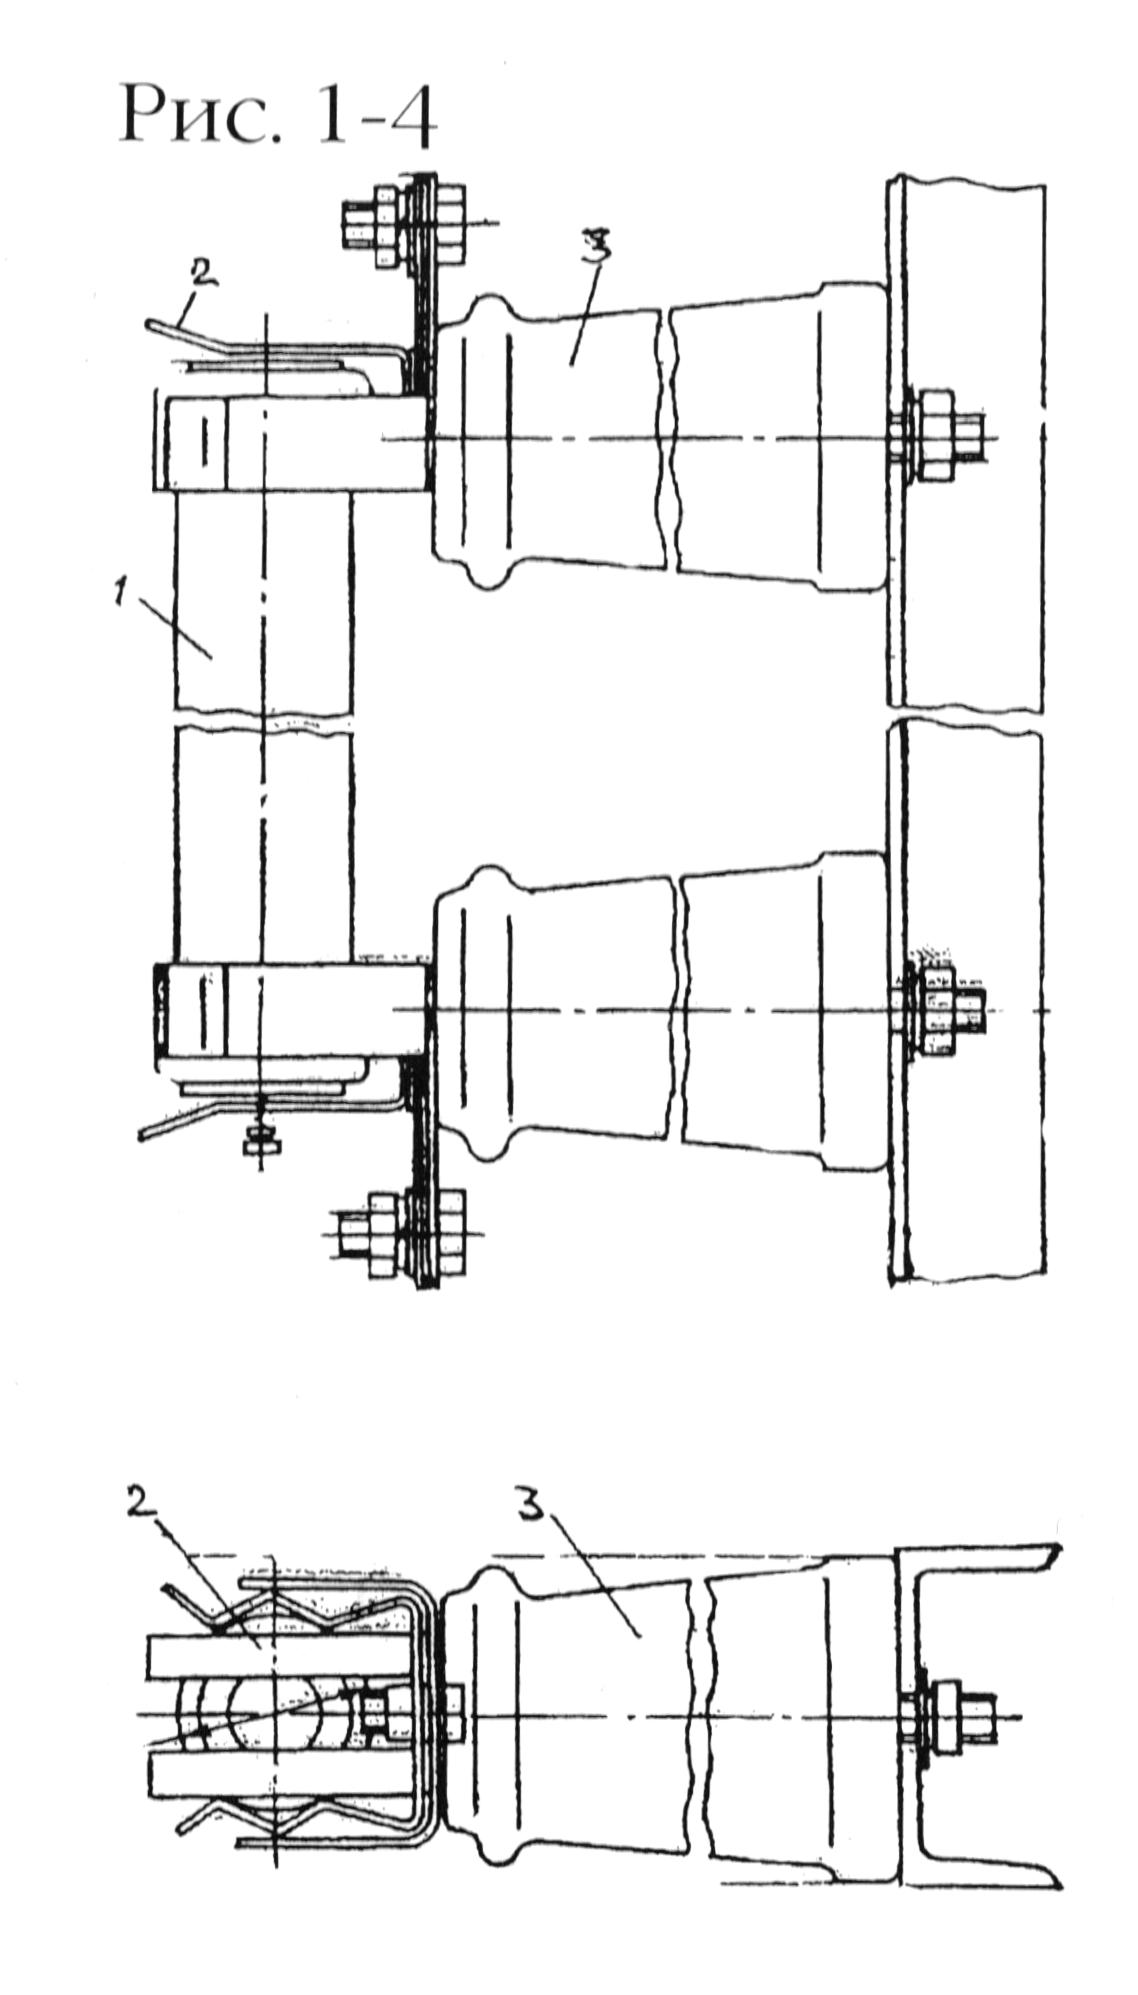 Рис. 1-4. Высоковольтный предохранитель типа ПКТ (6-10 кВ).